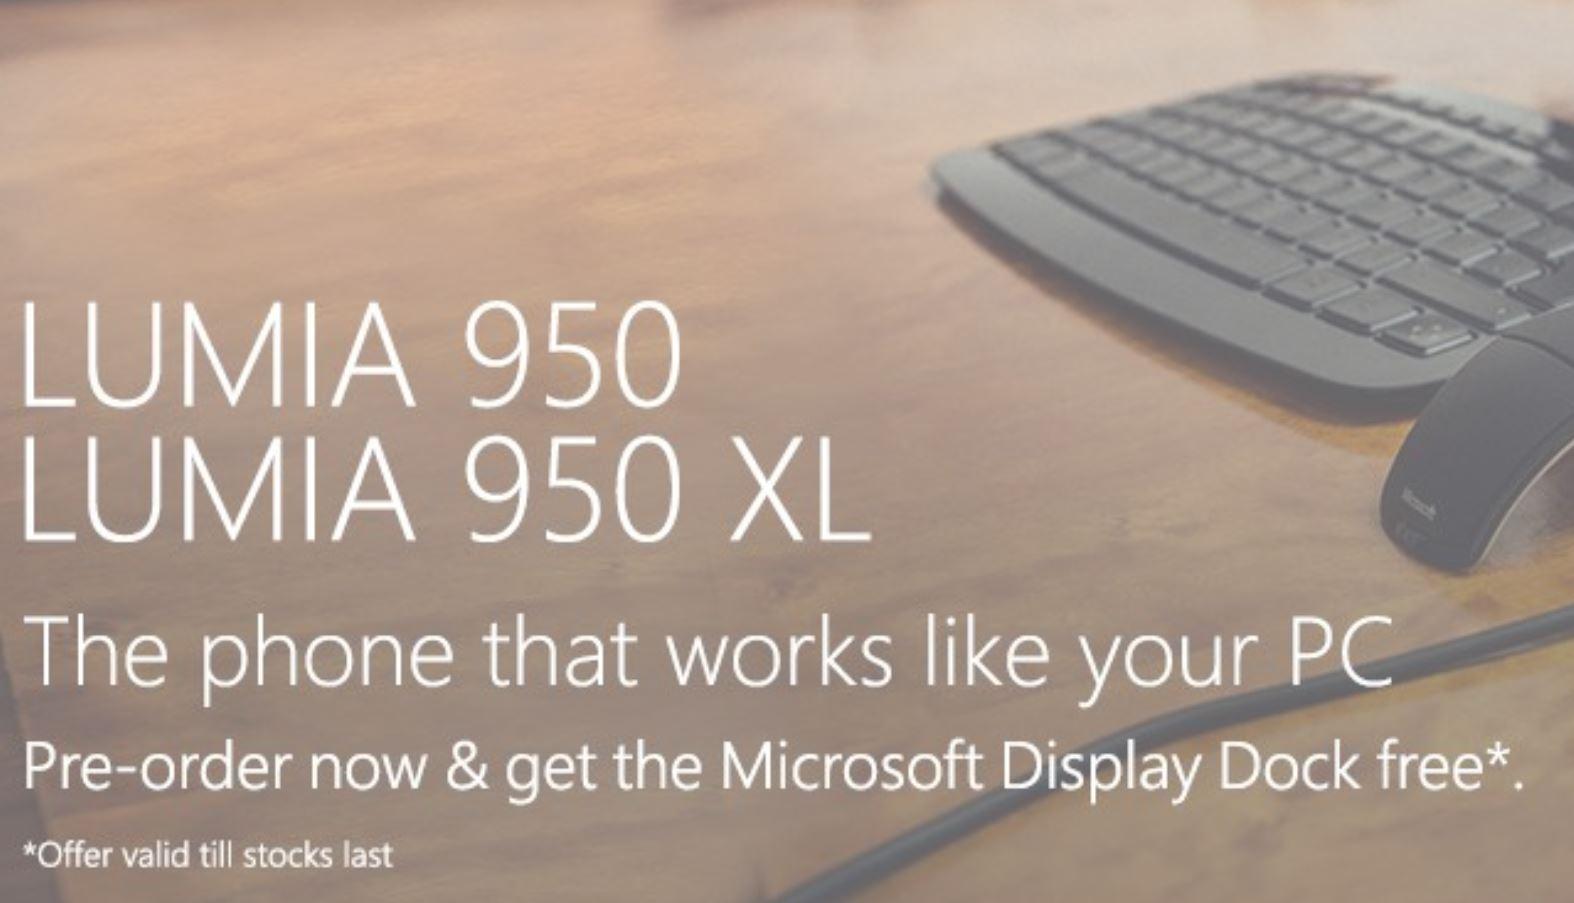 Lumia 950 and 950 XL Pre-order